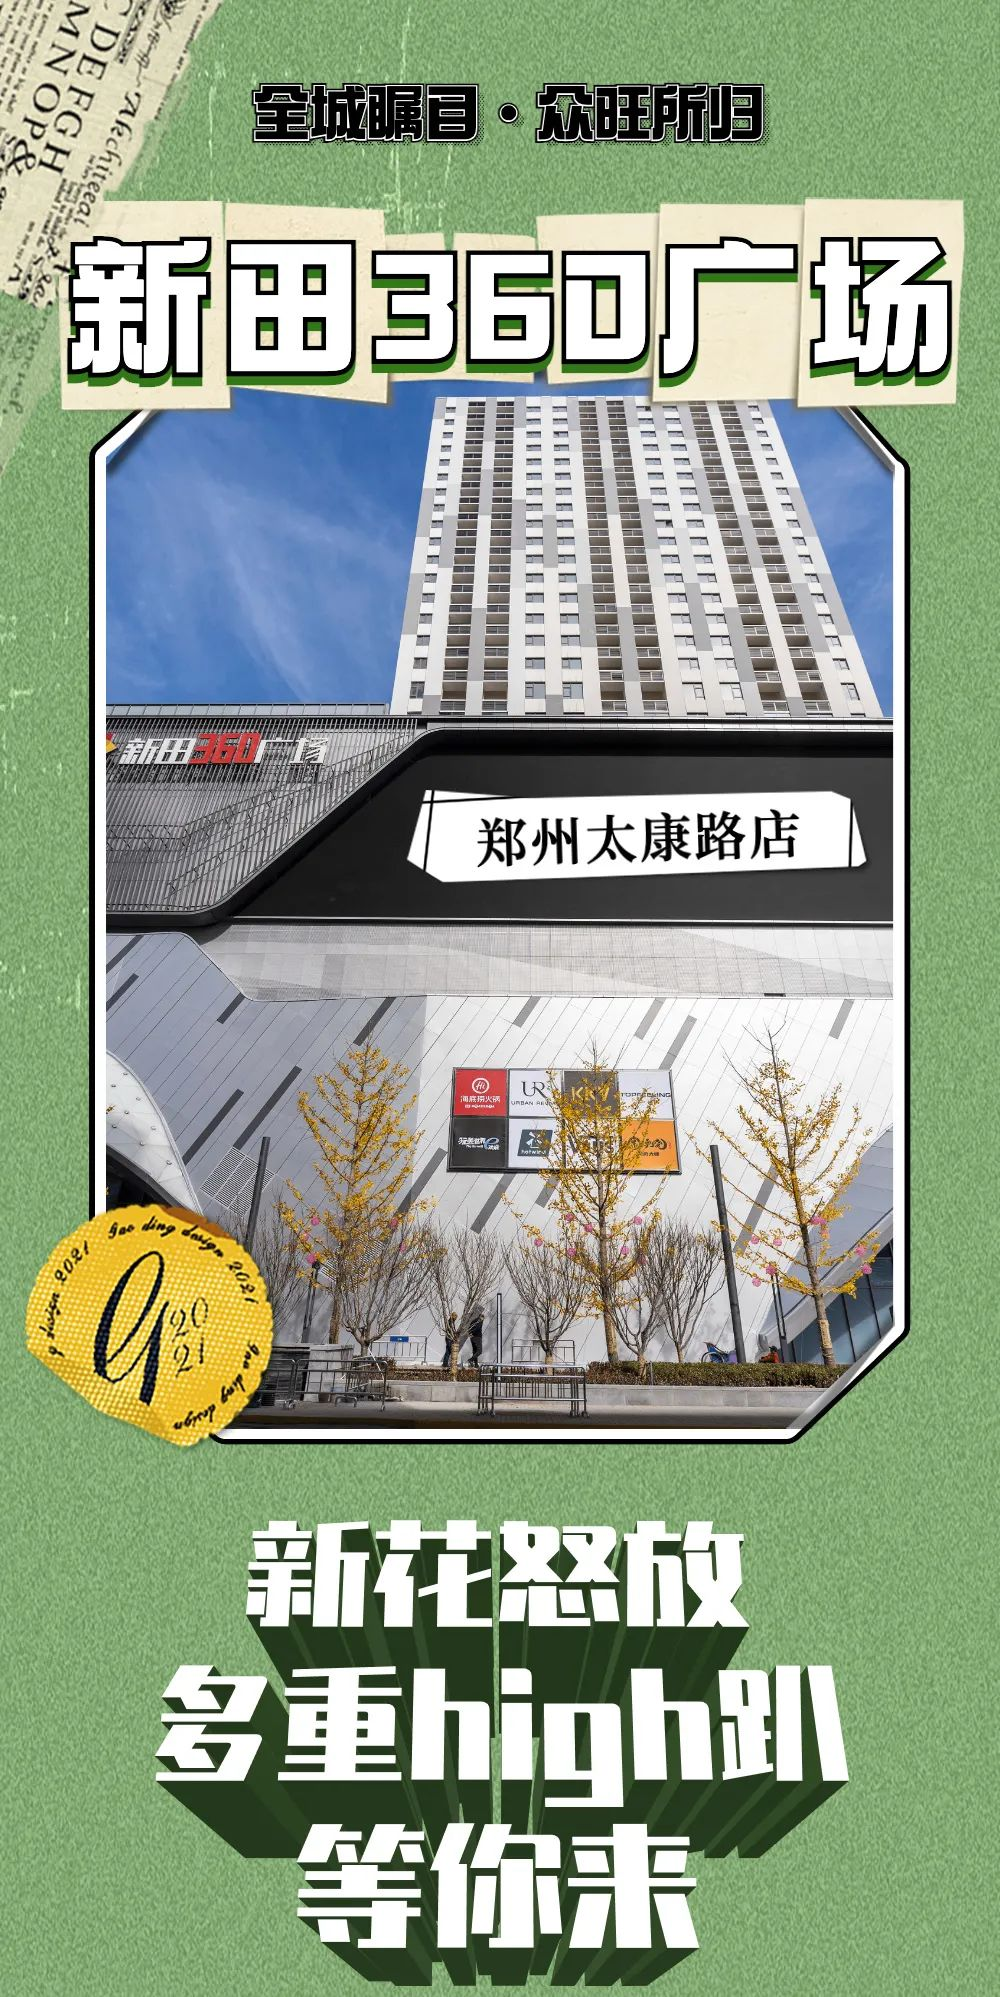 """狂High一个月!新田360广场郑州太康路店,全城瞩目,""""壕""""礼相送!"""